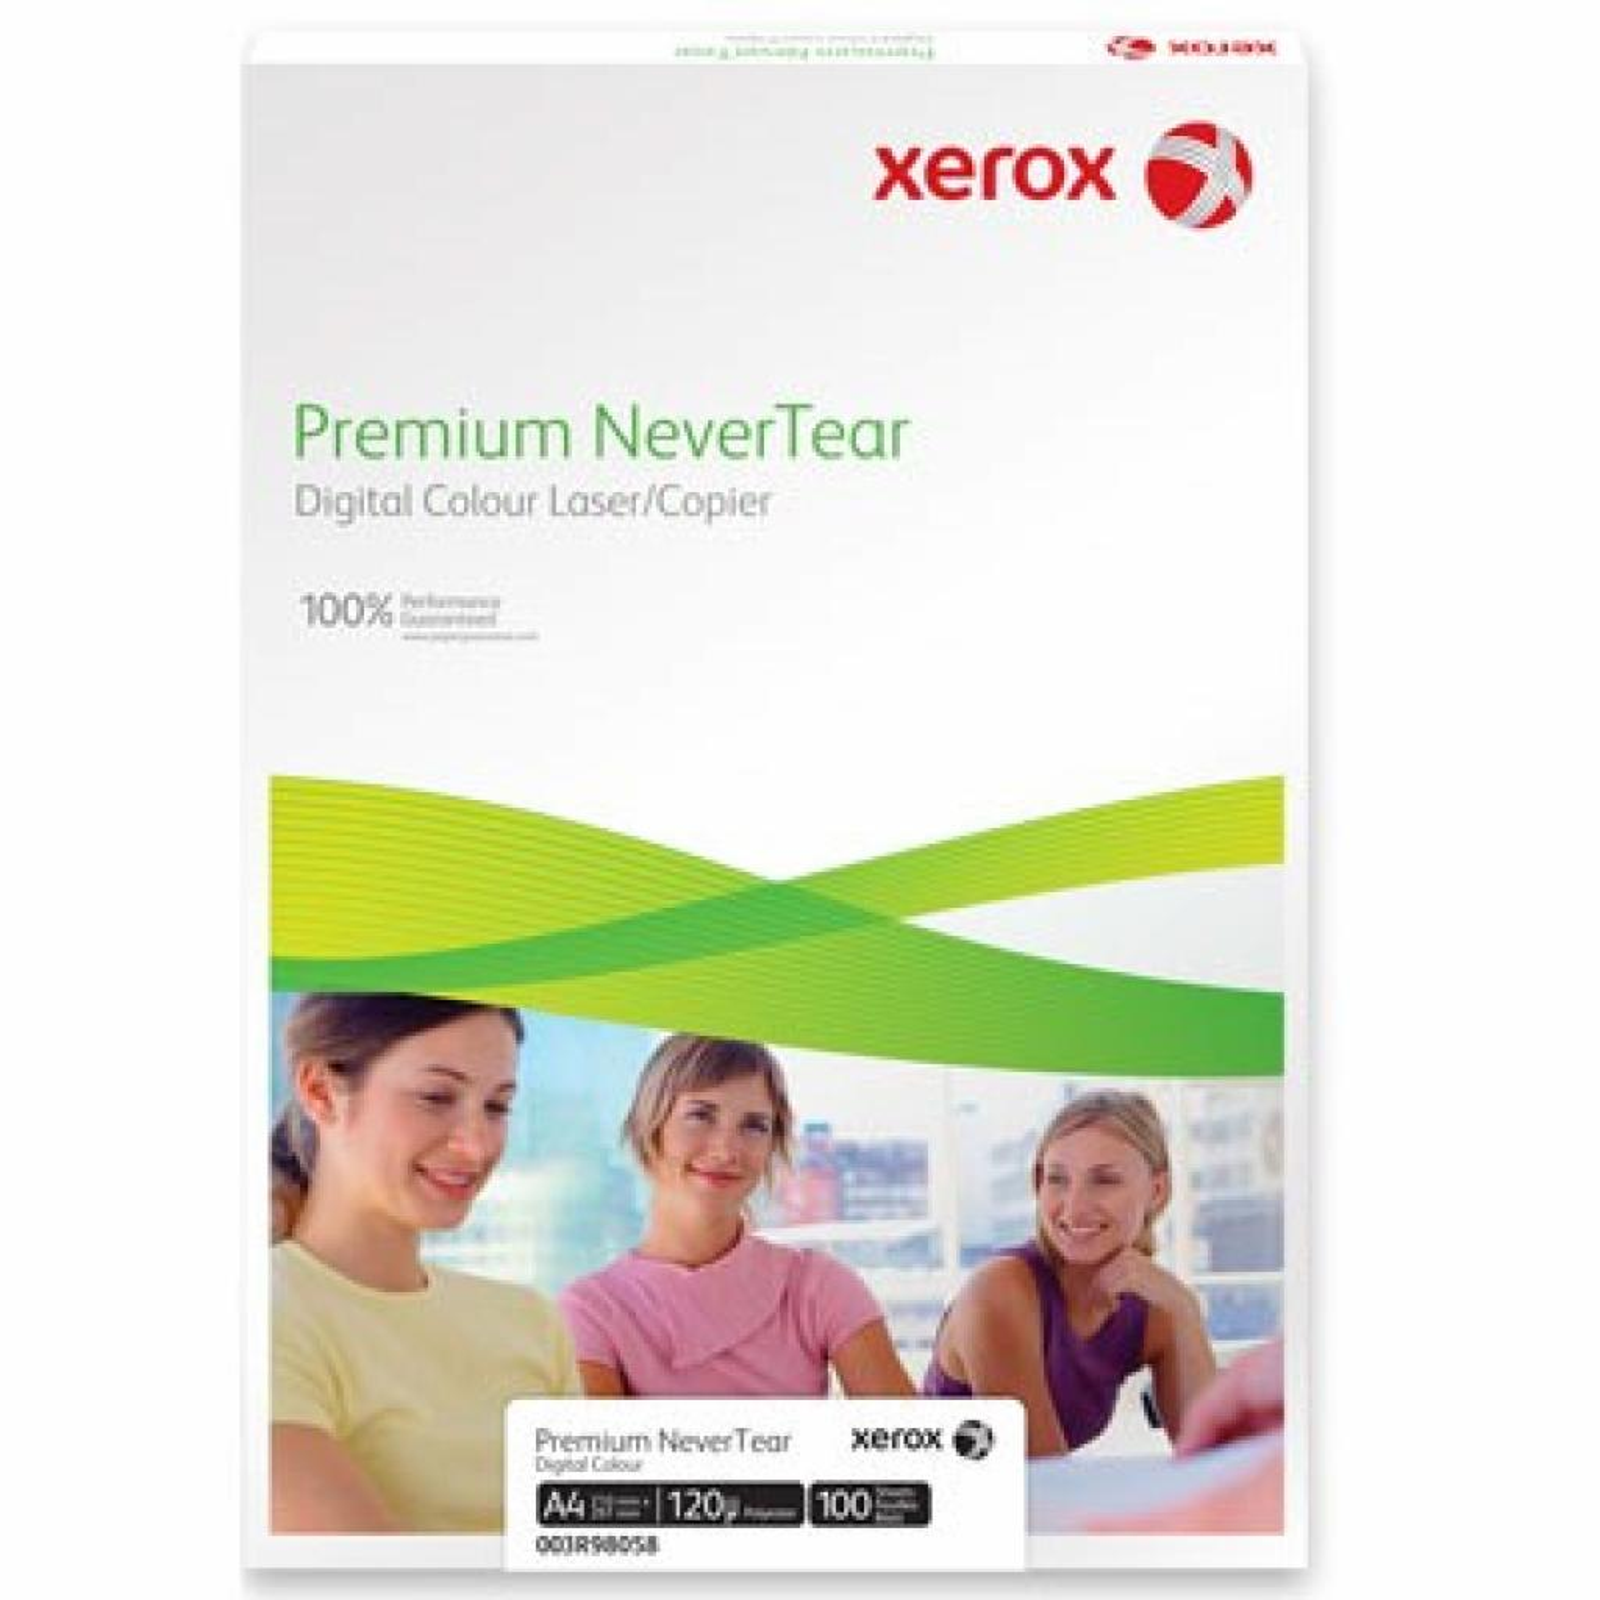 Пленка для печати XEROX A4 Premium Never Tear (003R98091)